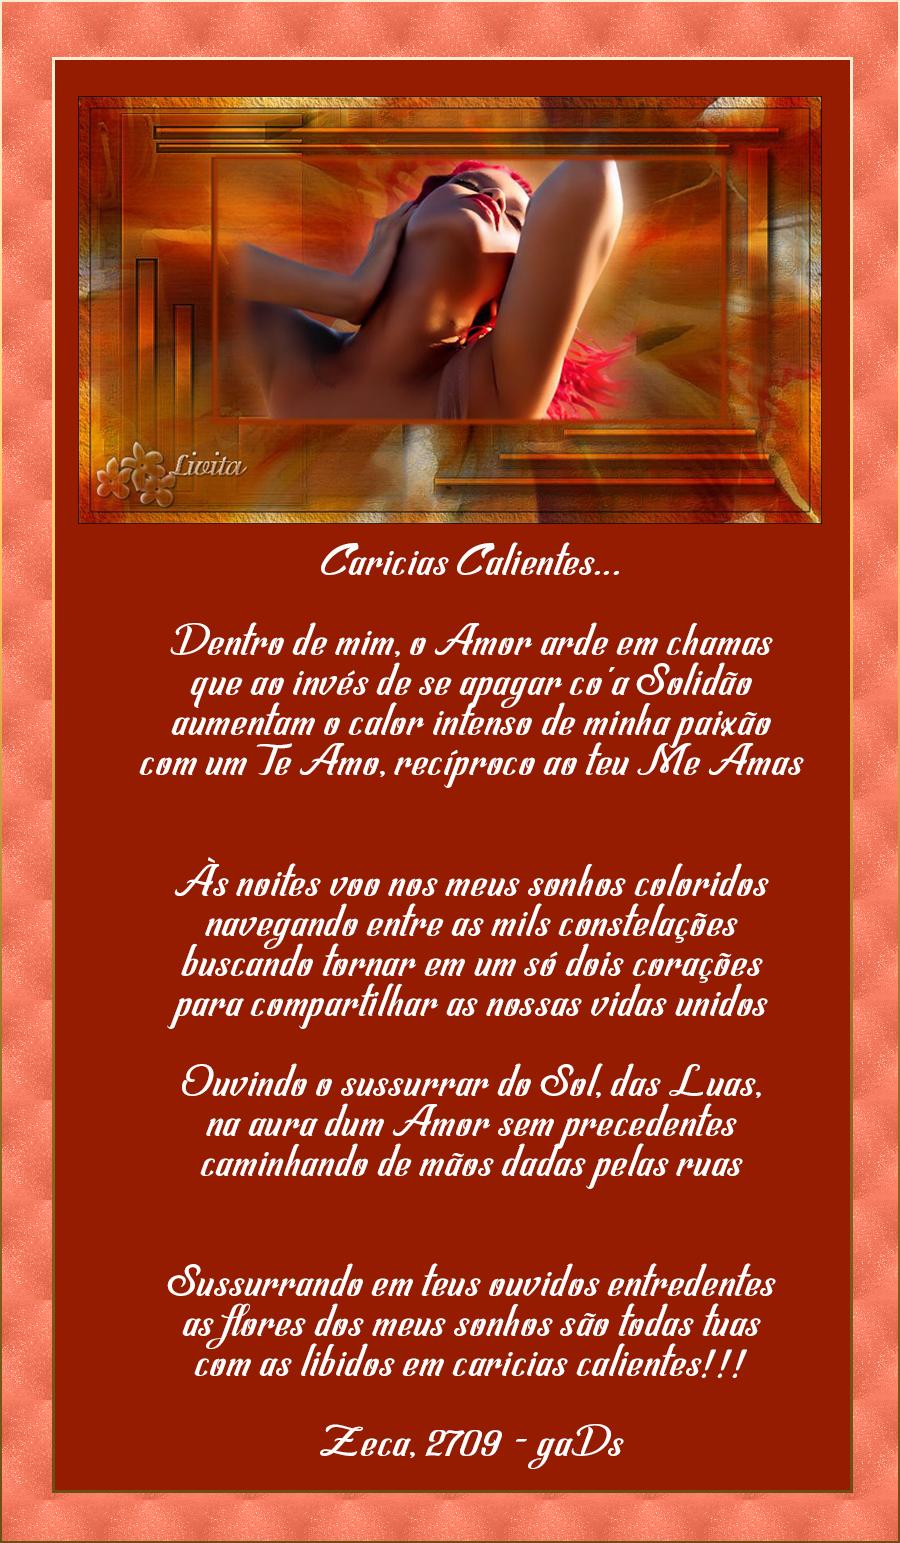 caricias-calientes-zeca.jpg